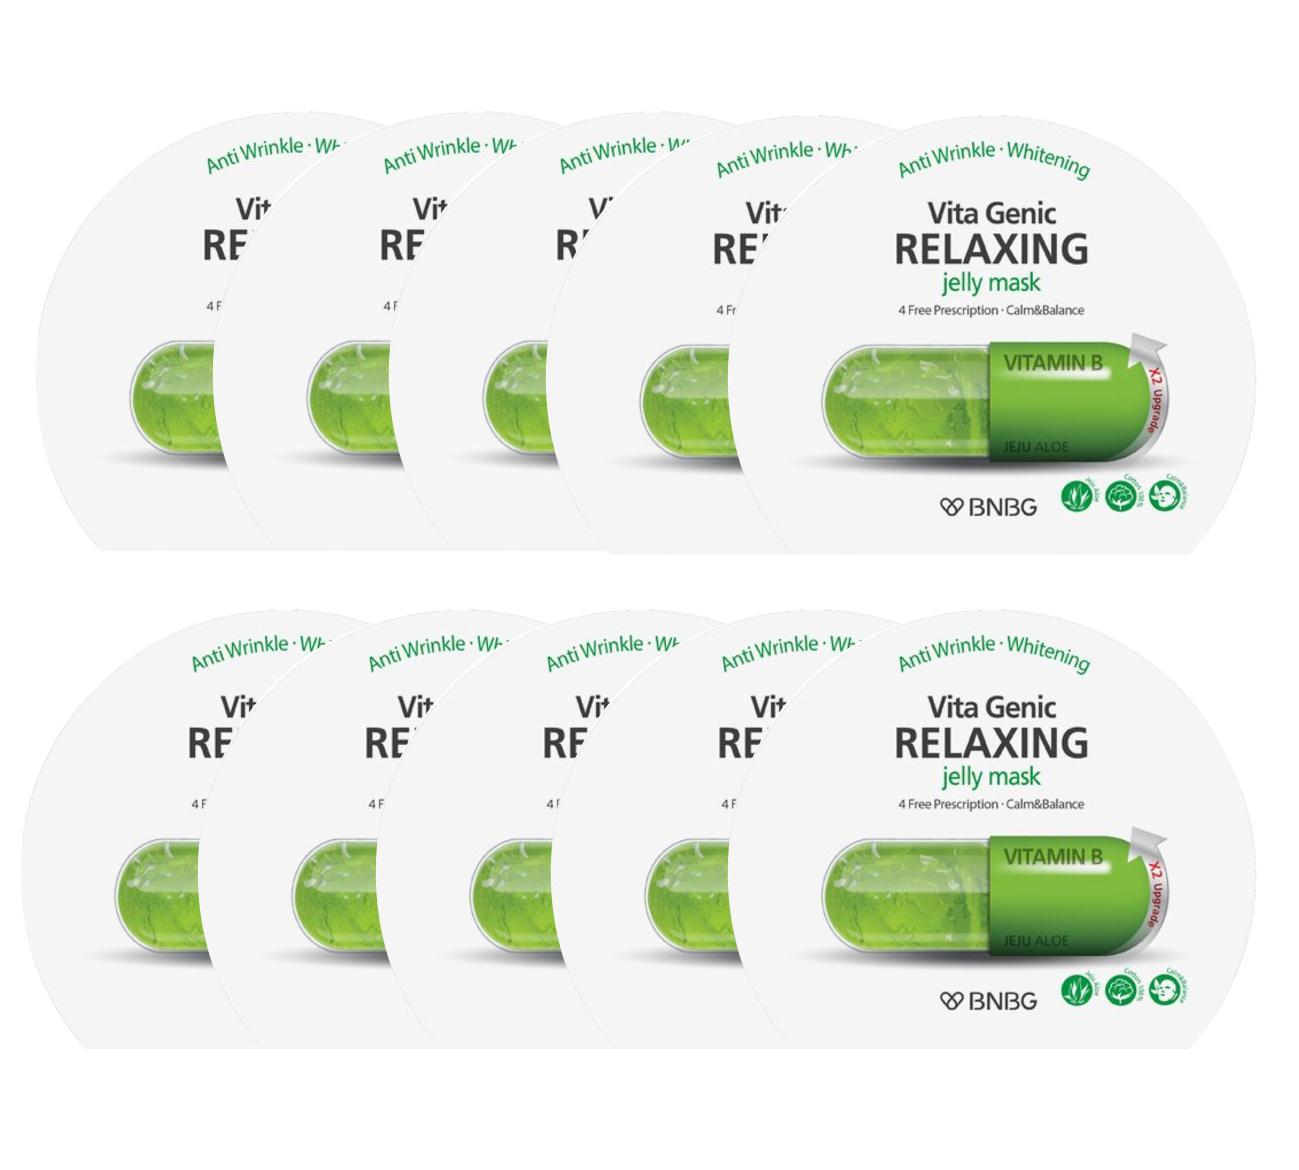 Chiết Khấu Hộp 10 Goi Mặt Nạ Dưỡng Da Giup Thư Gian Va Phục Hồi Lan Da Mệt Mỏi Banobagi Vita Genic Relaxing Jelly Mask Vitamin B 30Ml X10